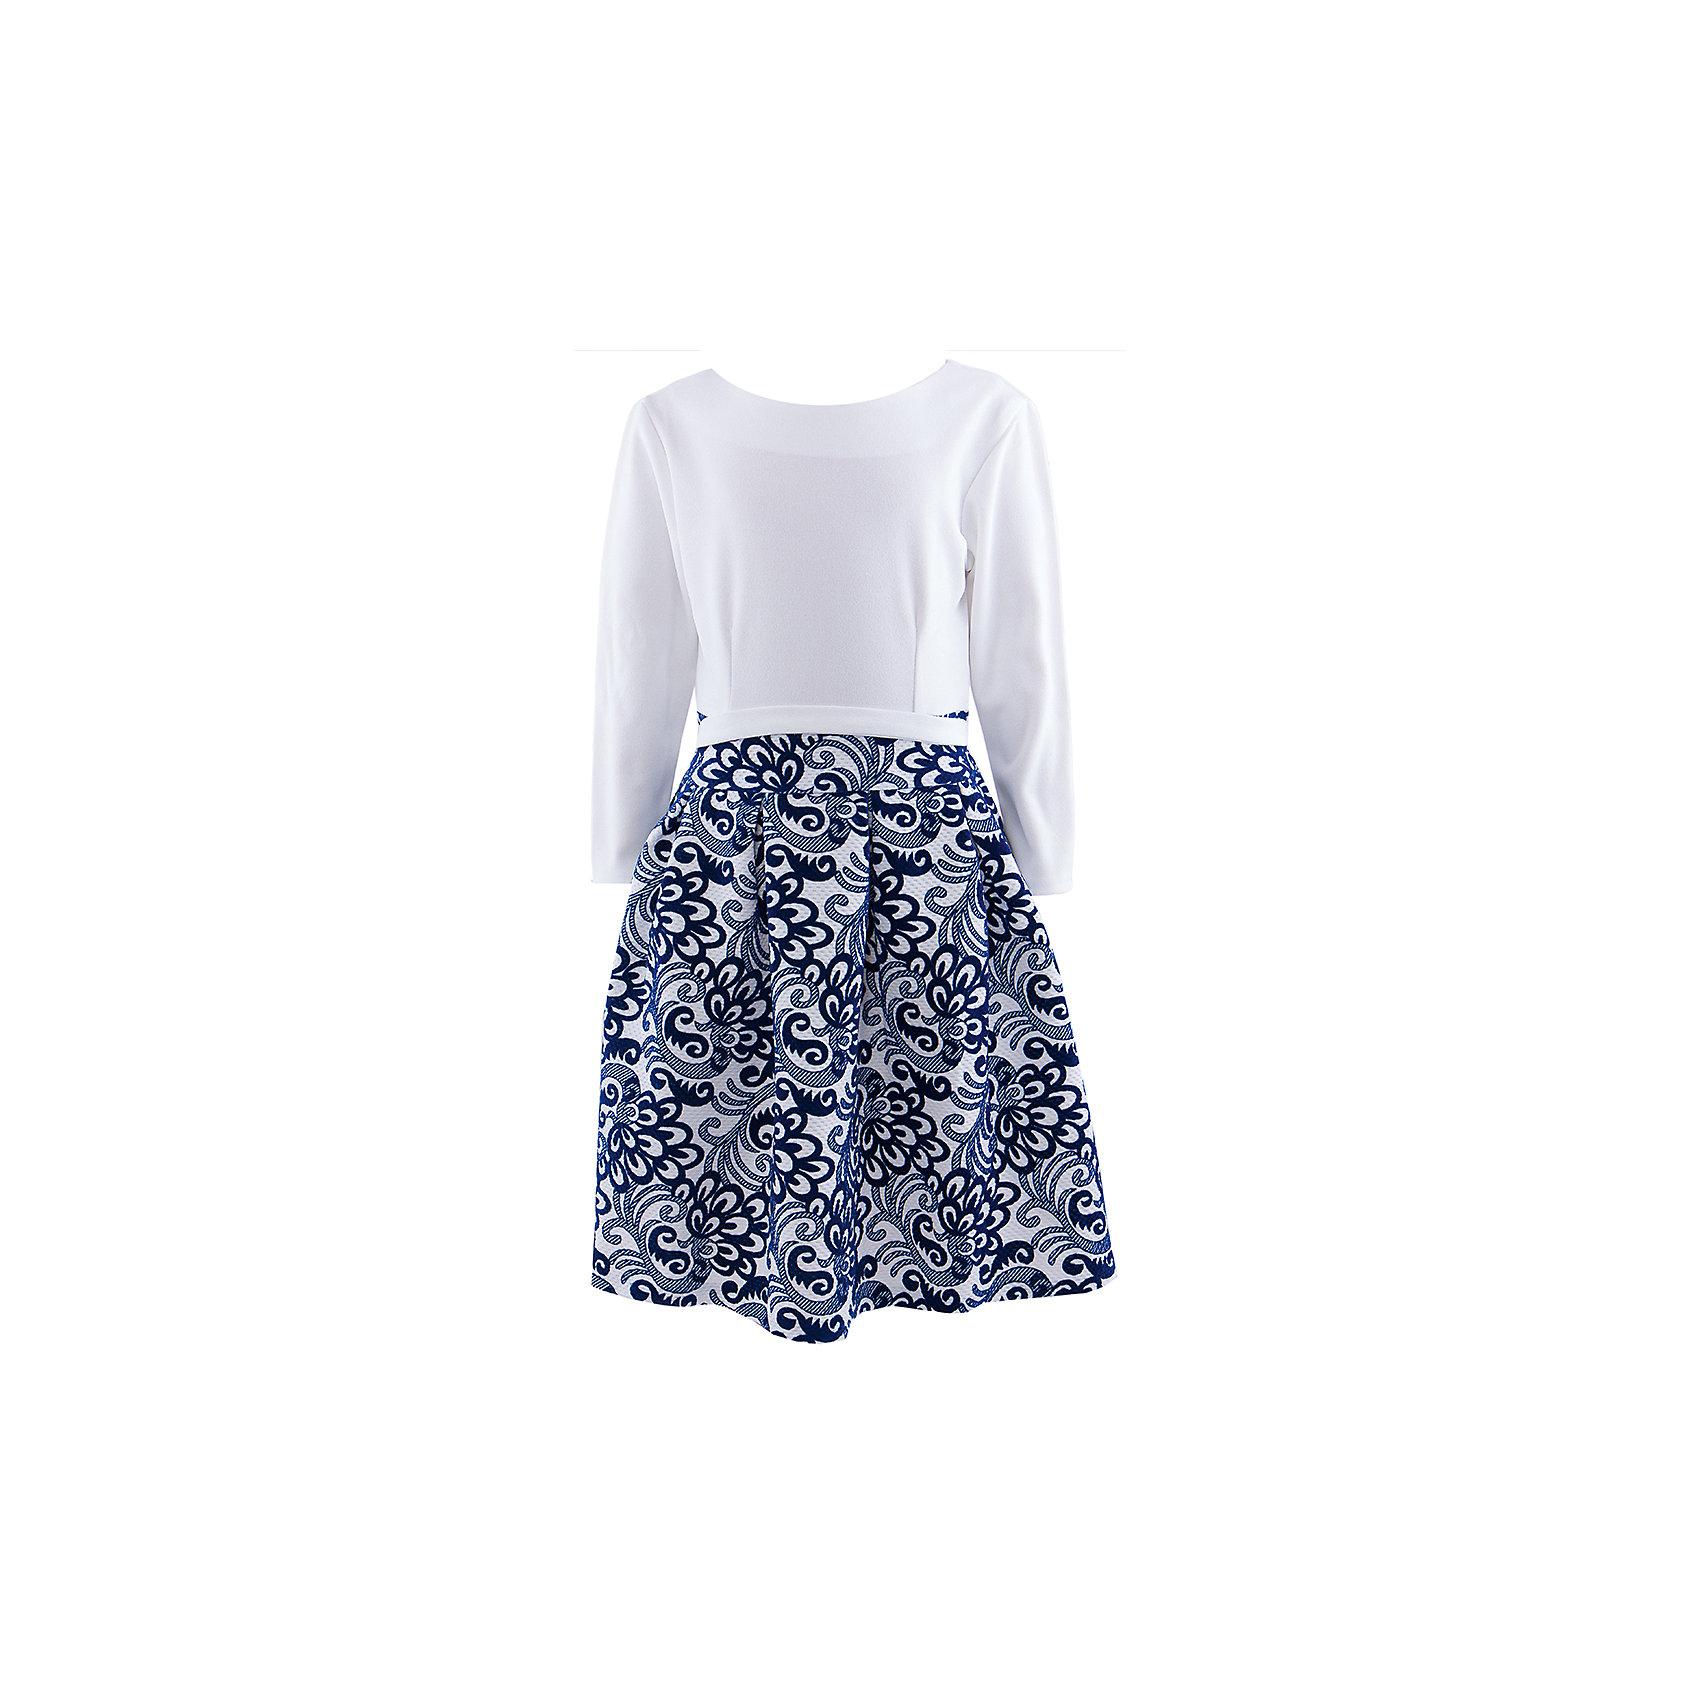 Нарядное платье ВенераОдежда<br>Платье для девочки. Длинный рукав, трикотажный верх, пышная жаккардовая юбка, пояс. Застежка молния.<br><br>Ширина мм: 236<br>Глубина мм: 16<br>Высота мм: 184<br>Вес г: 177<br>Цвет: белый<br>Возраст от месяцев: 72<br>Возраст до месяцев: 84<br>Пол: Женский<br>Возраст: Детский<br>Размер: 116/122,134/140,128/134,122/128<br>SKU: 4452512